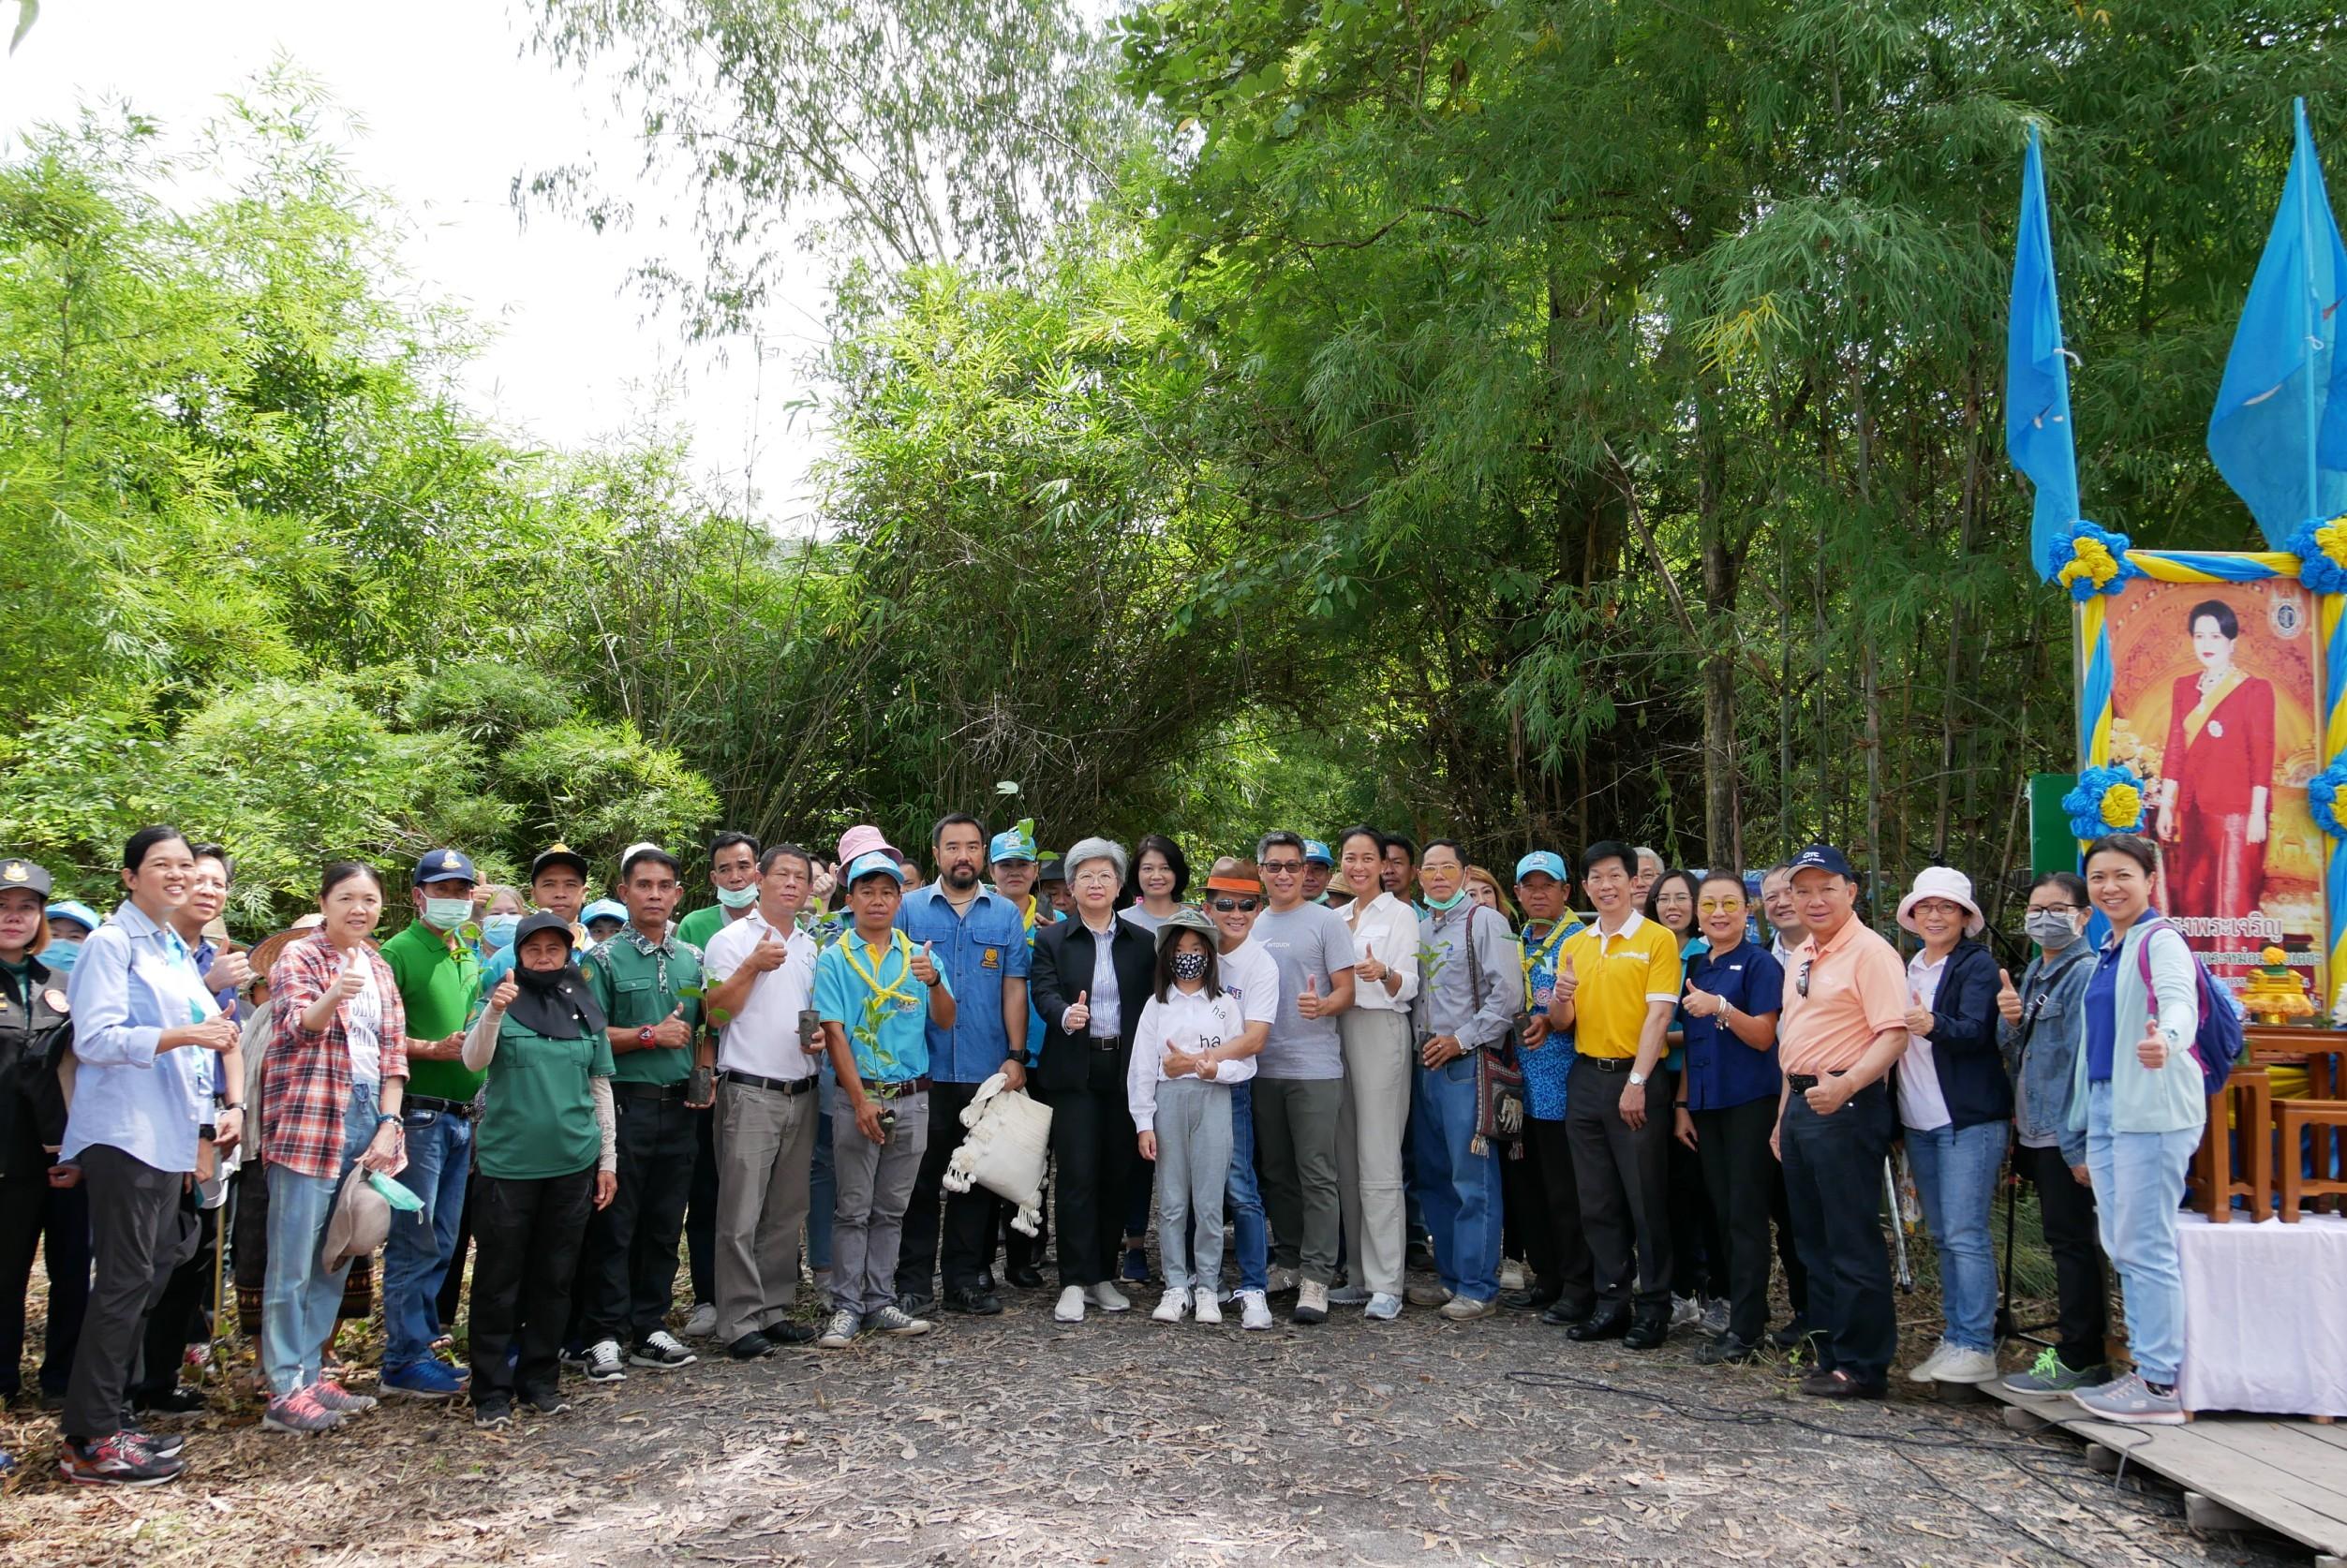 ก.ล.ต. และหน่วยงานพันธมิตร ร่วมลงพื้นที่ป่าชุมชนนำร่องโครงการคุณดูแลป่า เราดูแลคุณ